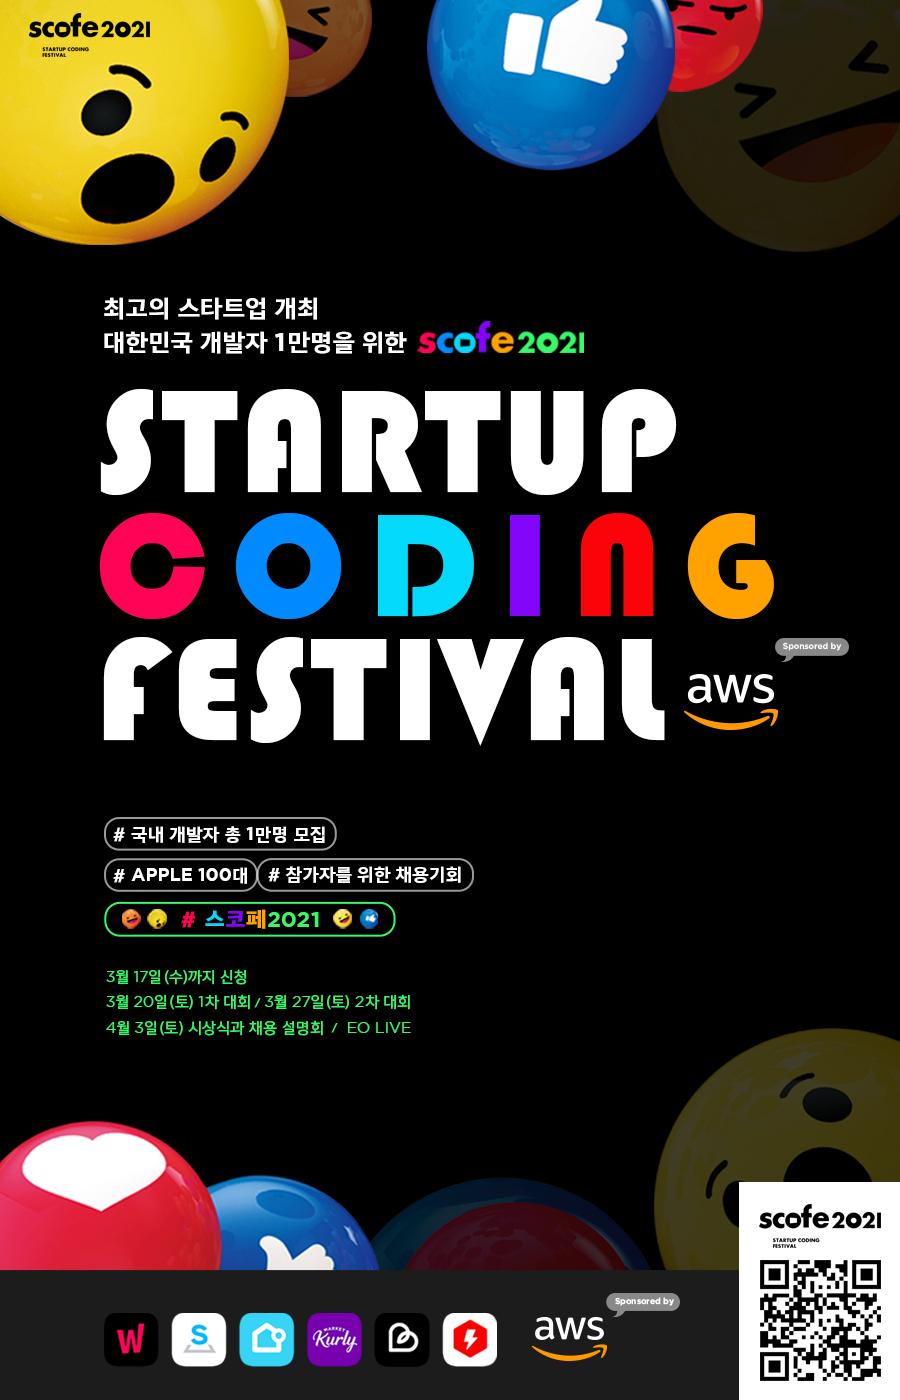 스타트업 코딩 페스티벌 '스코페2021' 개최